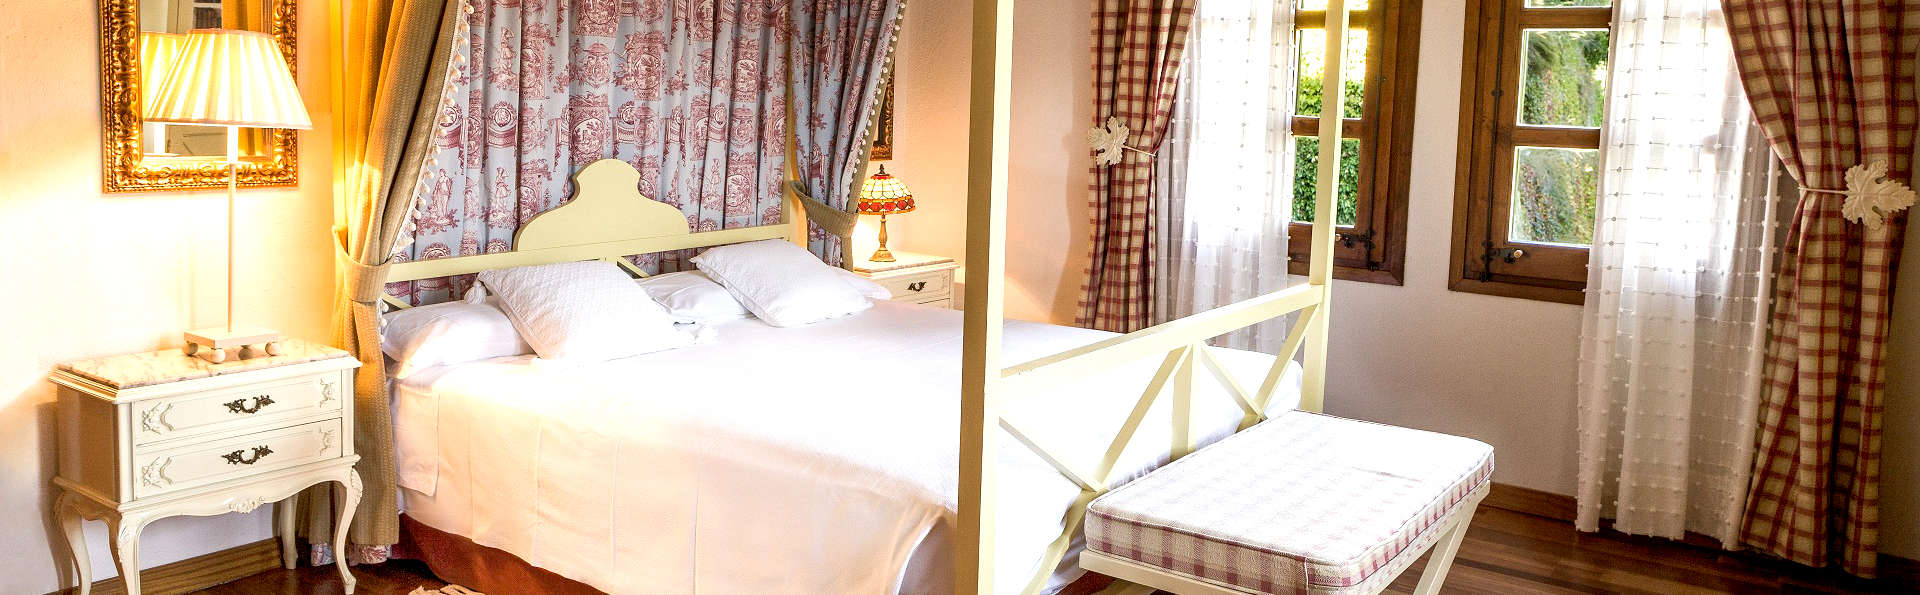 Luxe in een suite met welkomstglaasje in de Pyreneeën